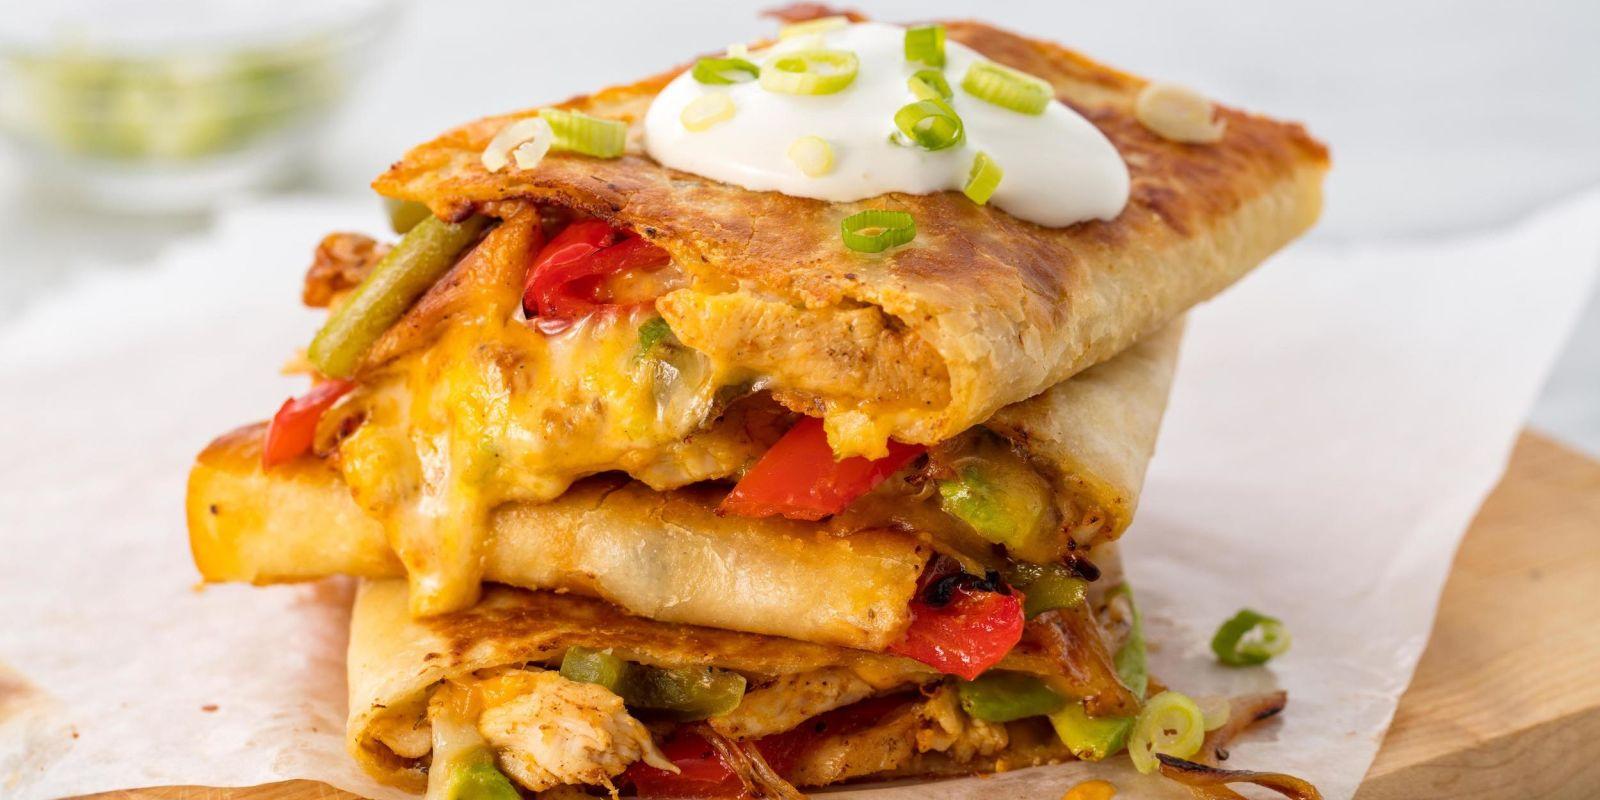 Easy Chicken Quesadilla Recipe - How to Make Best Chicken ...